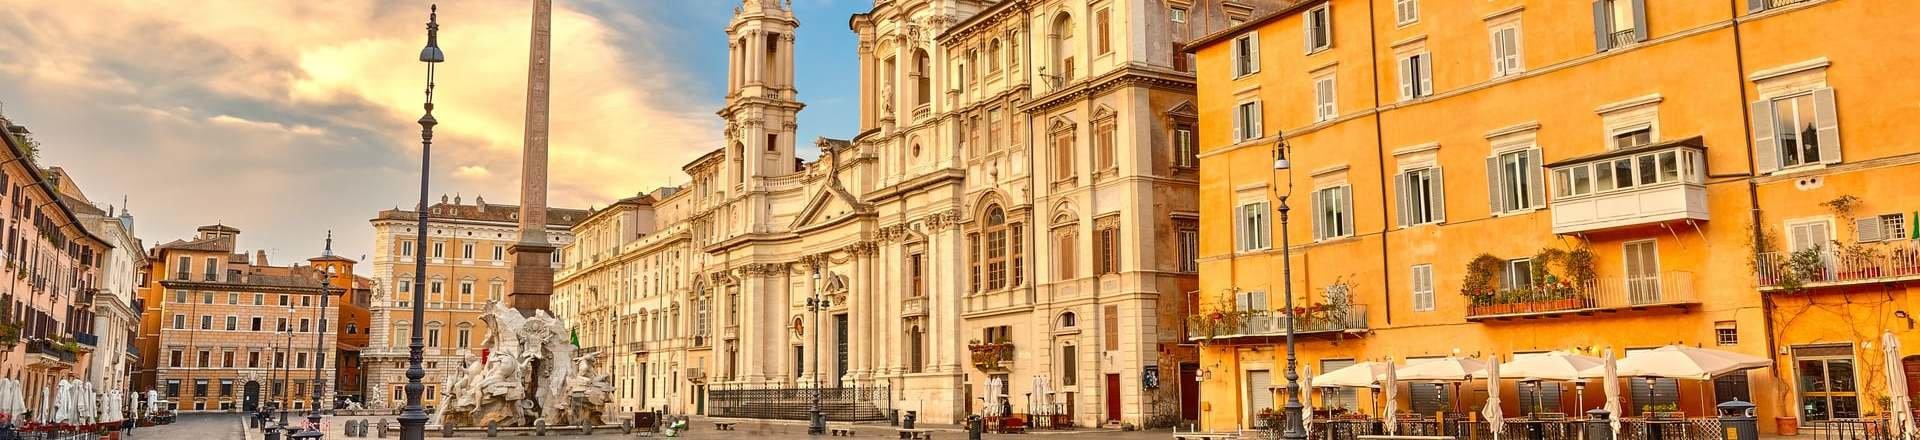 Paquete De Viaje A Roma Con Tour Destinia